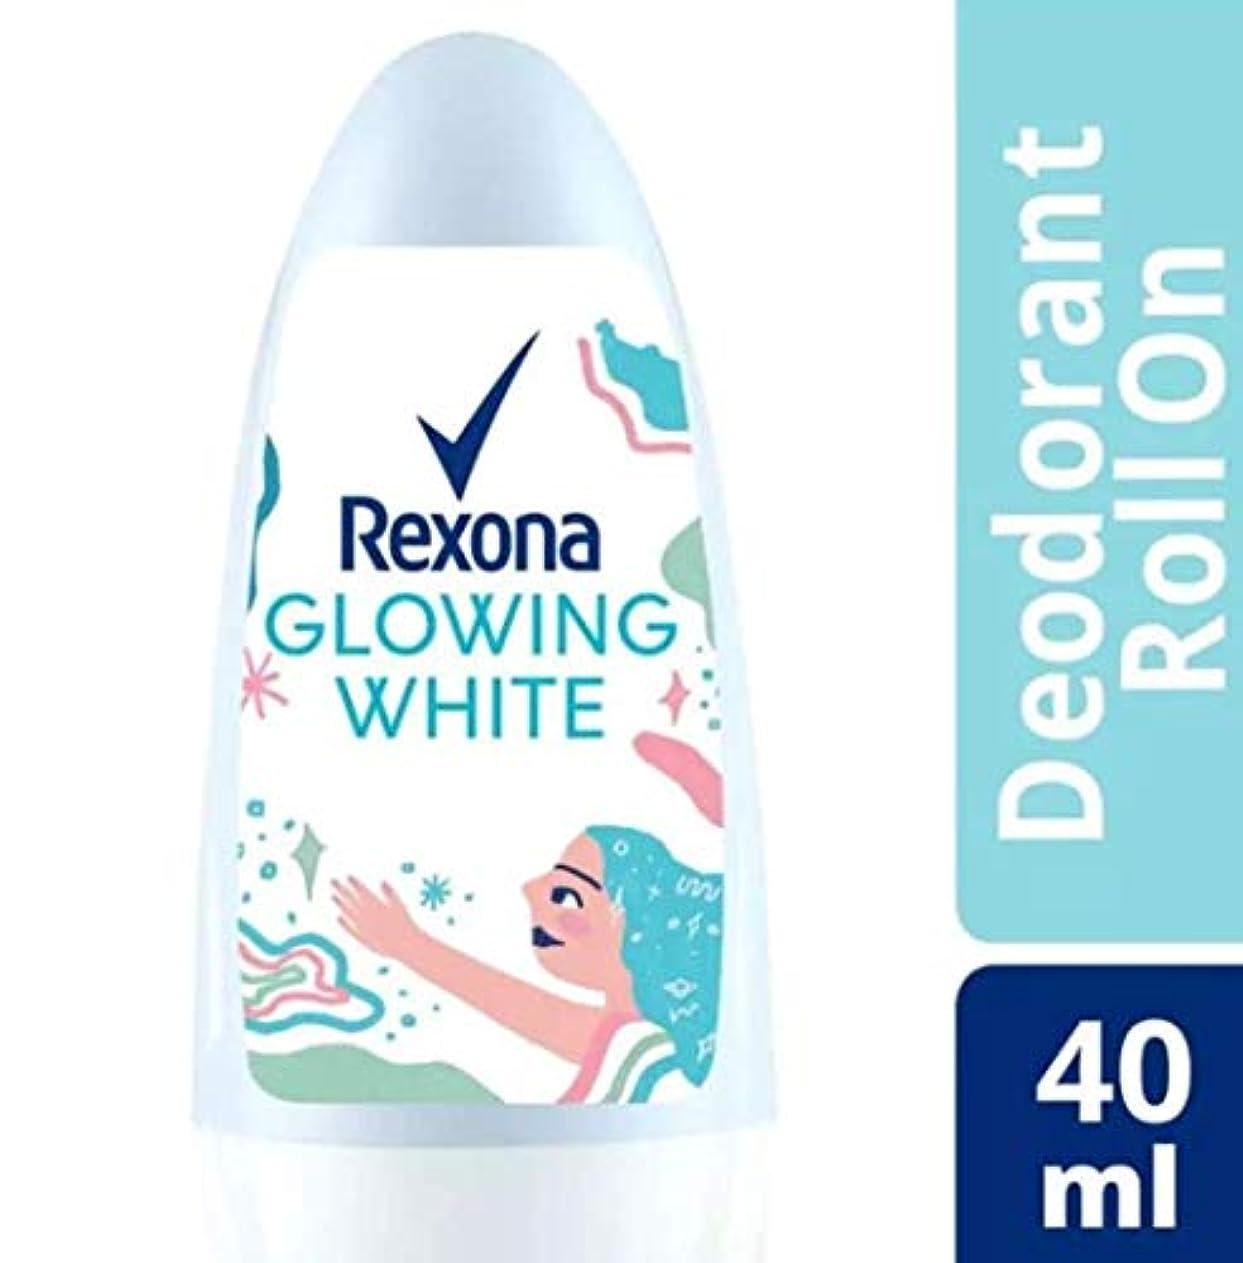 遅滞化石アルミニウムRexona レクソナ woman 制汗 デオドラント ロールオン GROWING WHITE【アルコール 0%】 ソフトなバラの香り 40ml [並行輸入品]